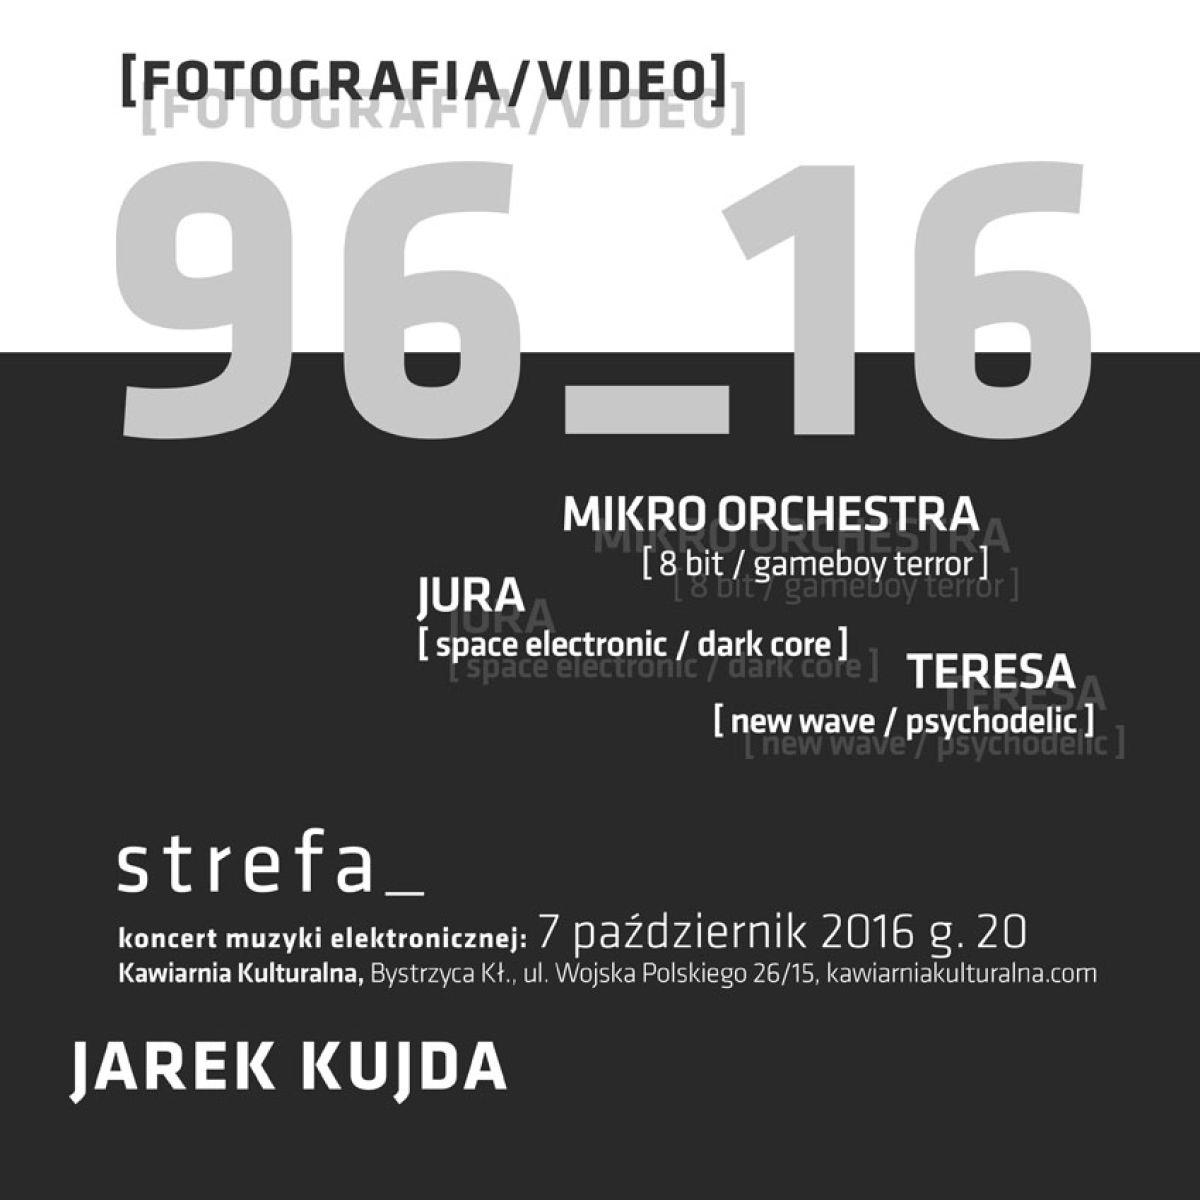 96_16: JAREK KUJDA / MICHAŁ PIETRZAK